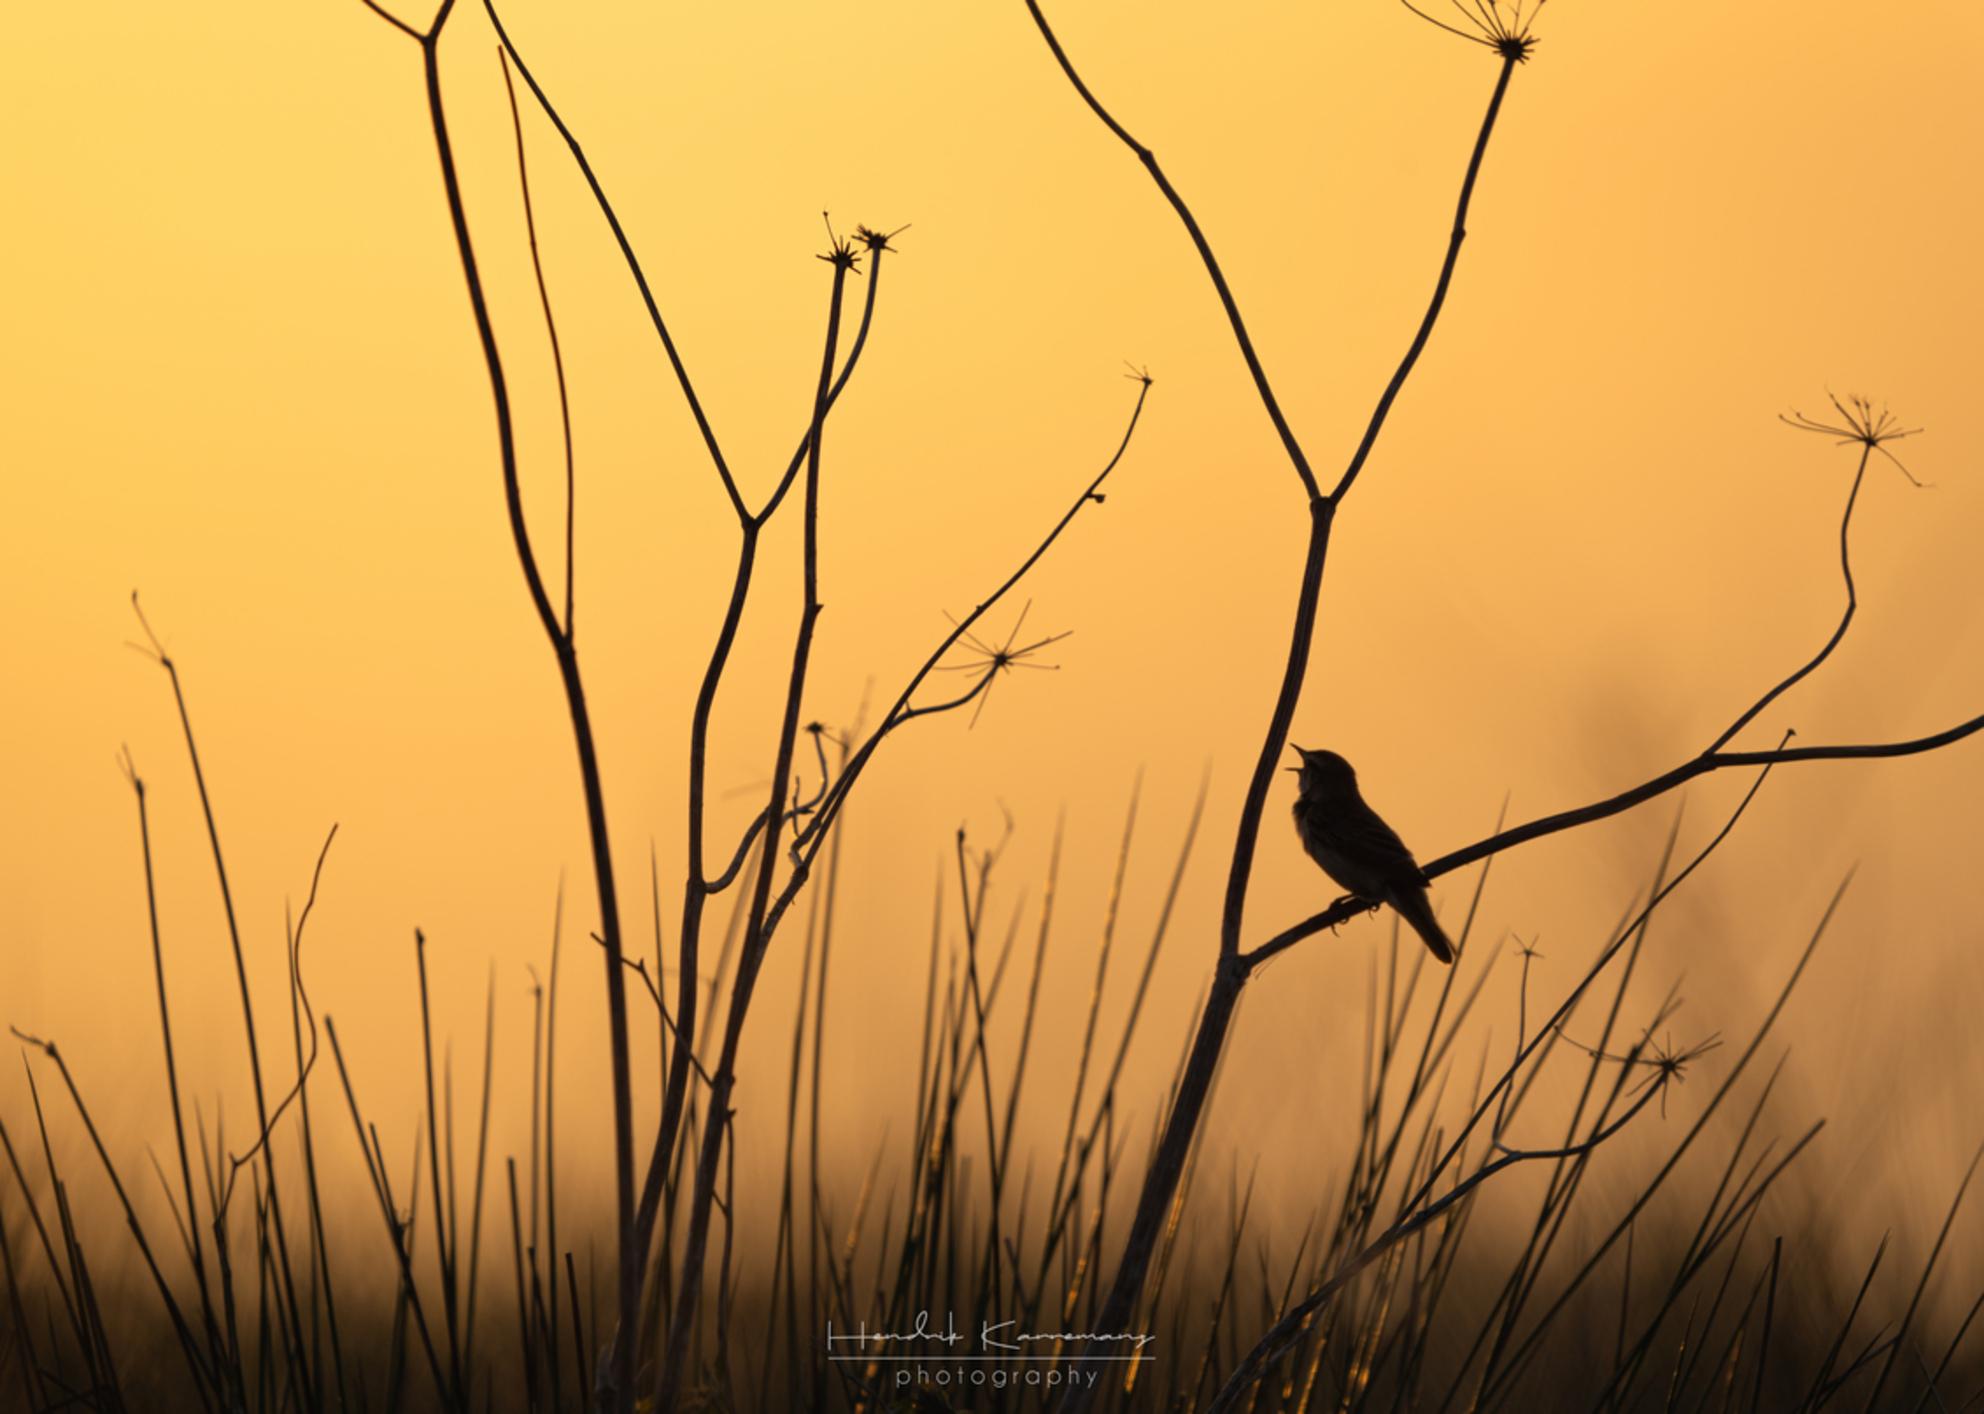 Rietzanger silhouette - - - foto door Hendrik1986 op 25-05-2020 - deze foto bevat: water, dieren, vogel, zonsopkomst, watervogel, wildlife, zangvogel